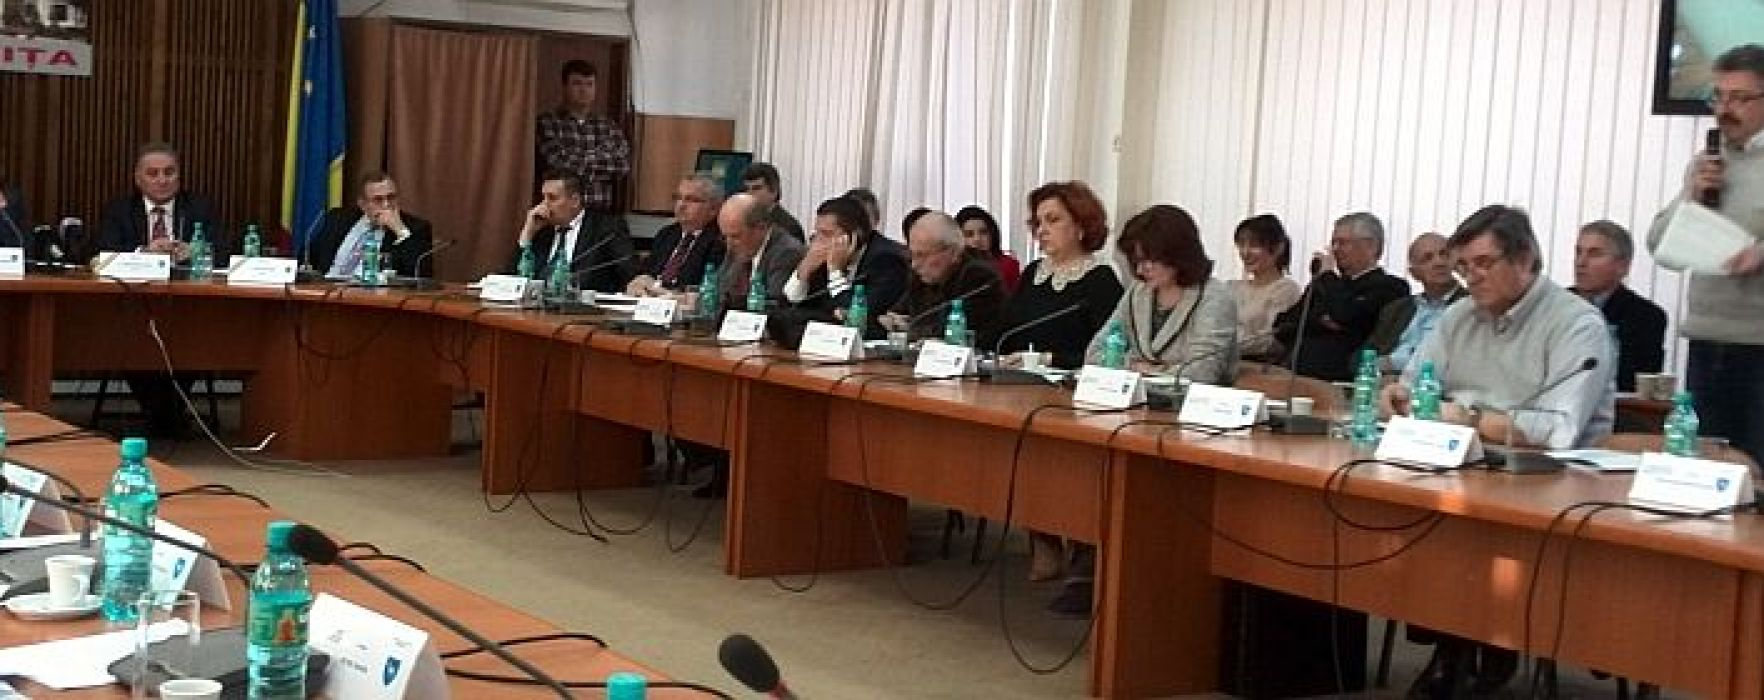 Şedinţă CJ Dâmboviţa de rectificare bugetară; a patra